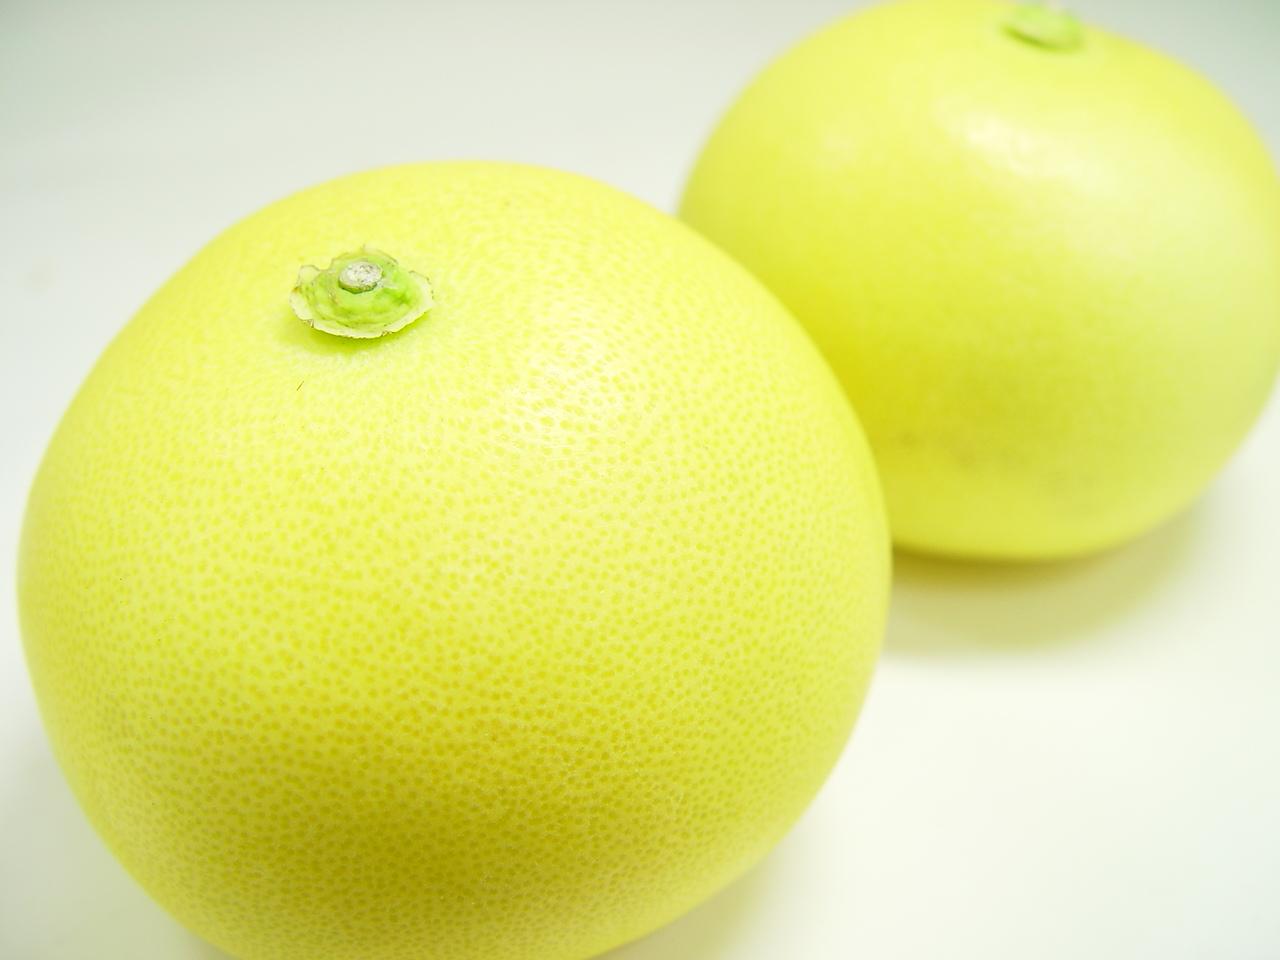 高知でしか栽培されていない文旦の名品!文旦の中で最も上品な味と評価される水晶文旦!お歳暮ギフトにおすすめ 高知県産 水晶文旦 2個入り  園芸王国・高知で栽培された柑橘の名品!その爽やかな甘味と上品な味わいから「柑橘の女王」の呼ばれる文旦の最高級品種  お歳暮ギフトにおすすめ ハロウィン 出荷予定:10月上旬~